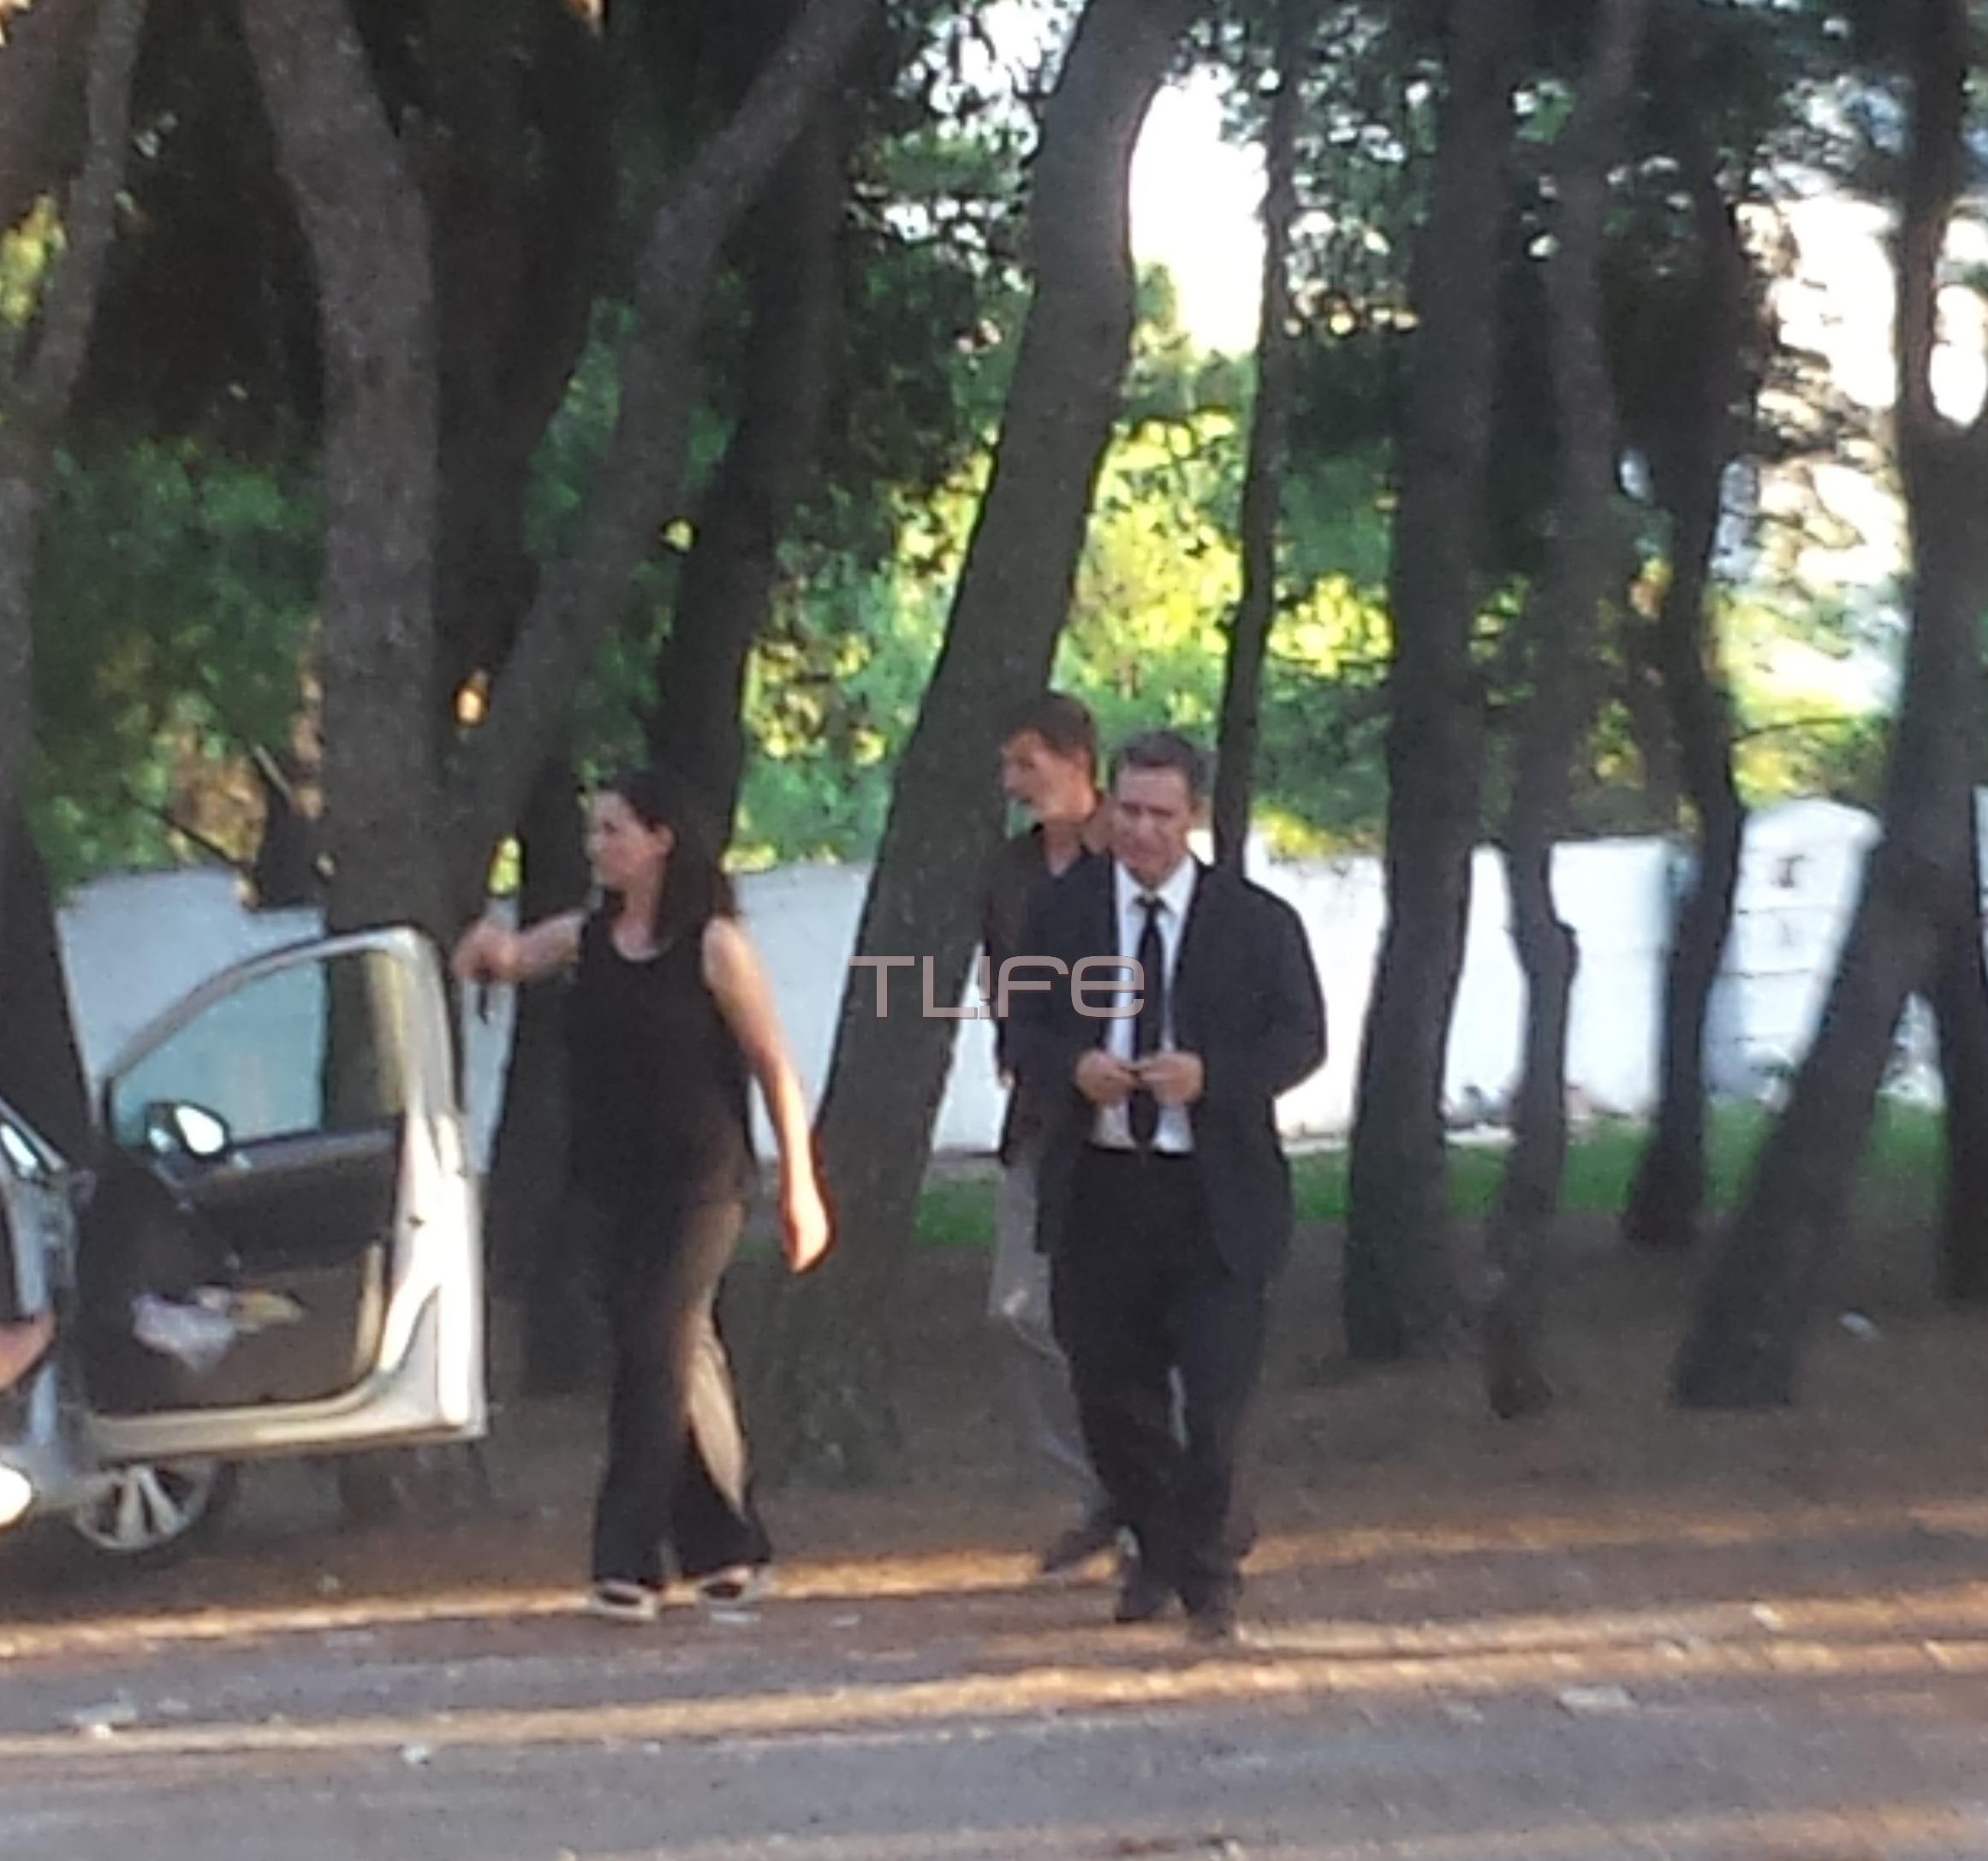 Νίκος Στεφανής: Συντετριμμένος στην κηδεία της συζύγου του, Ρίκας Βαγιάνη [pics] | tlife.gr